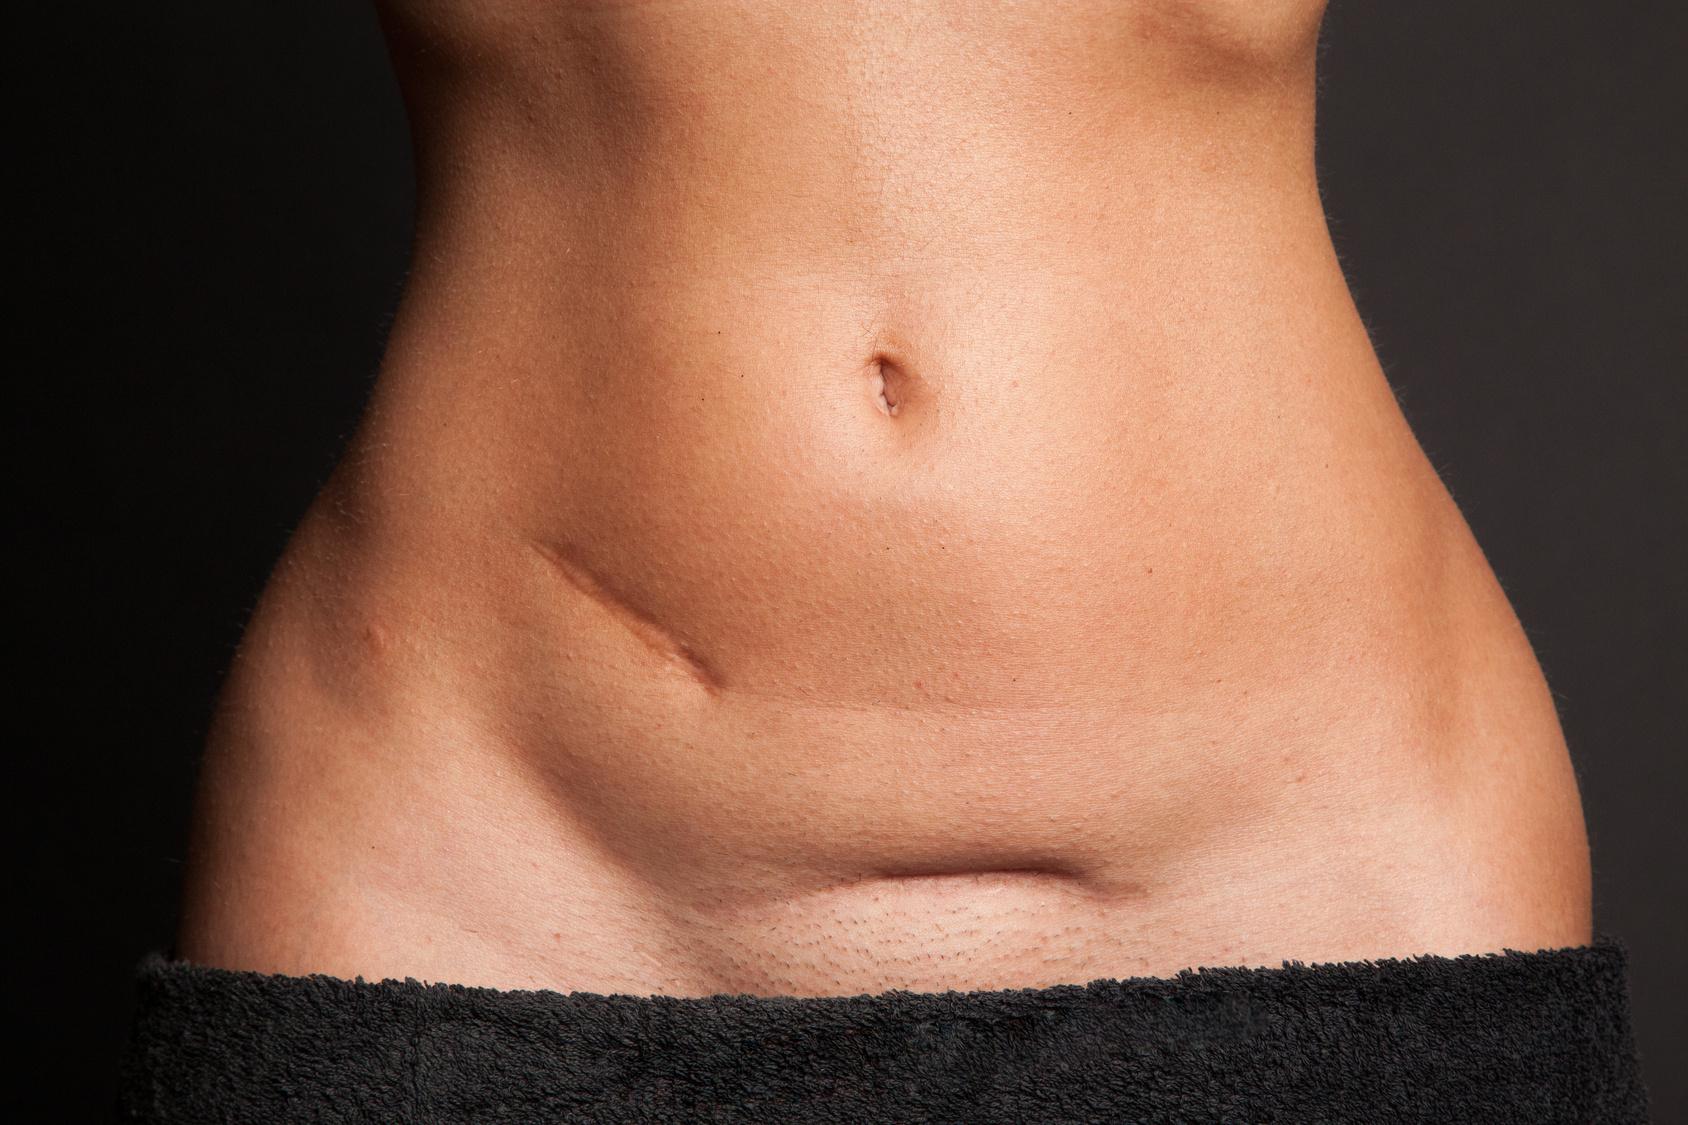 Kaiserschnitt Schwellung über Narbe